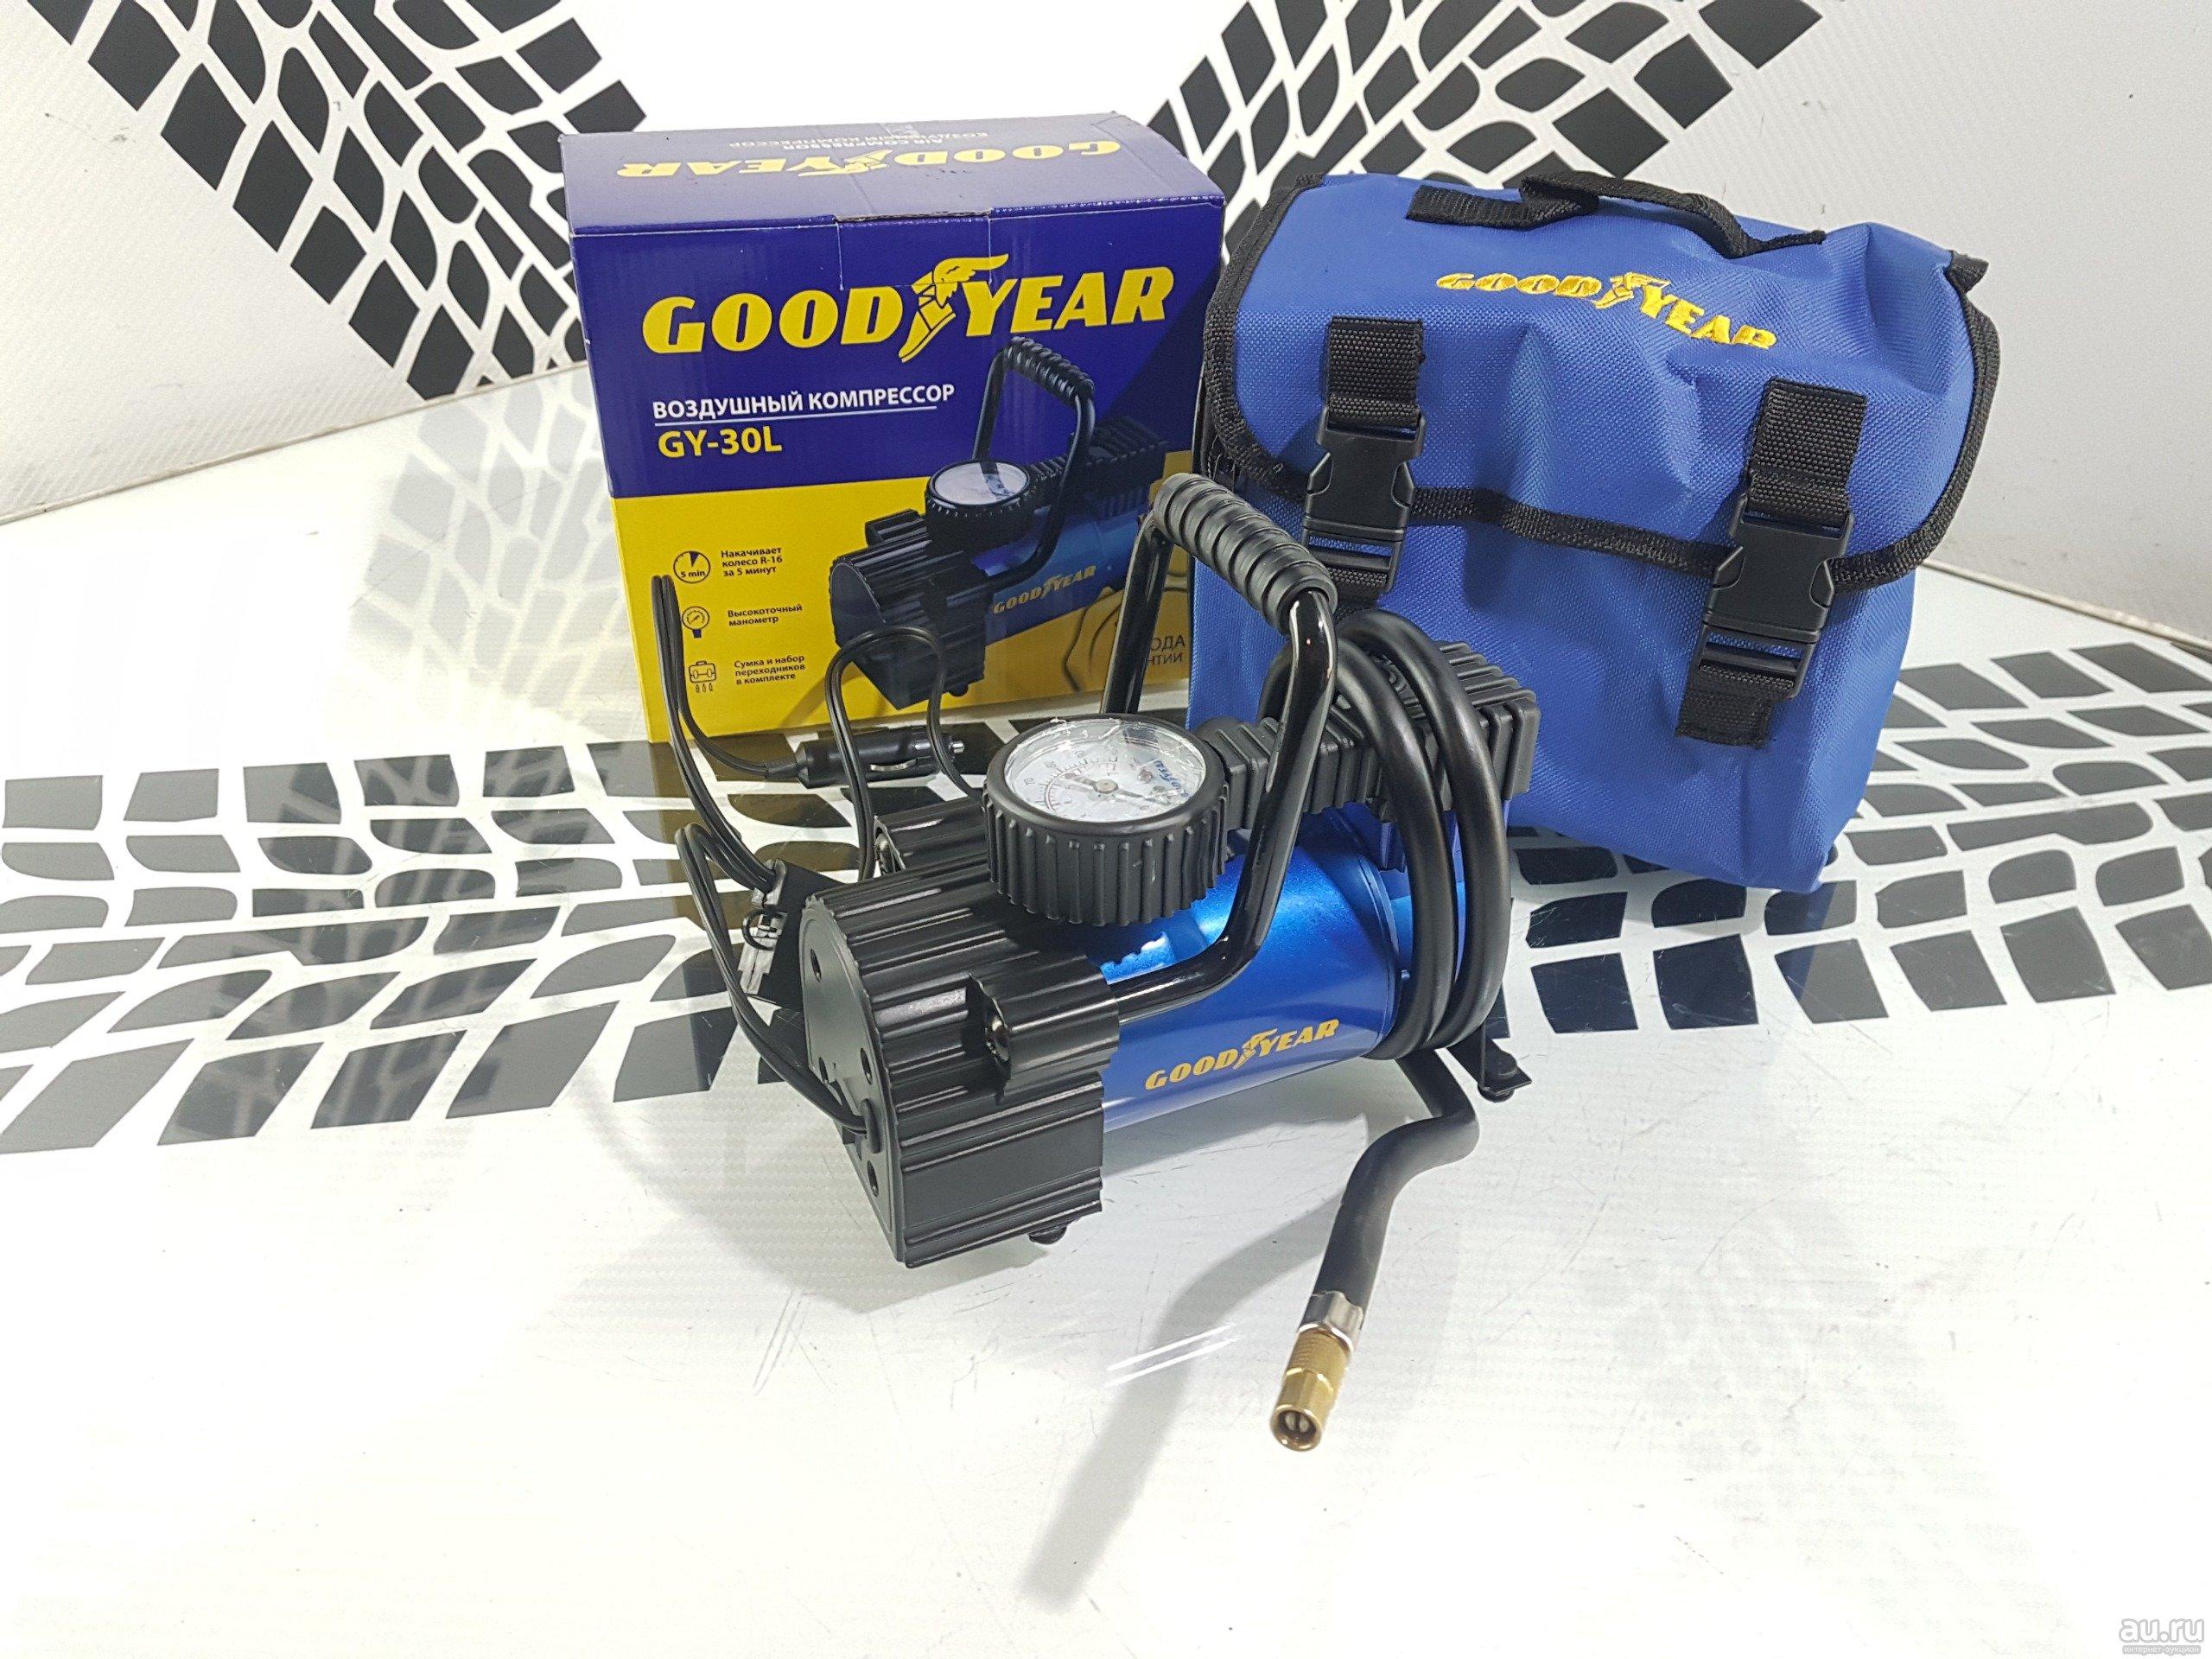 GOODYEAR GY-30L